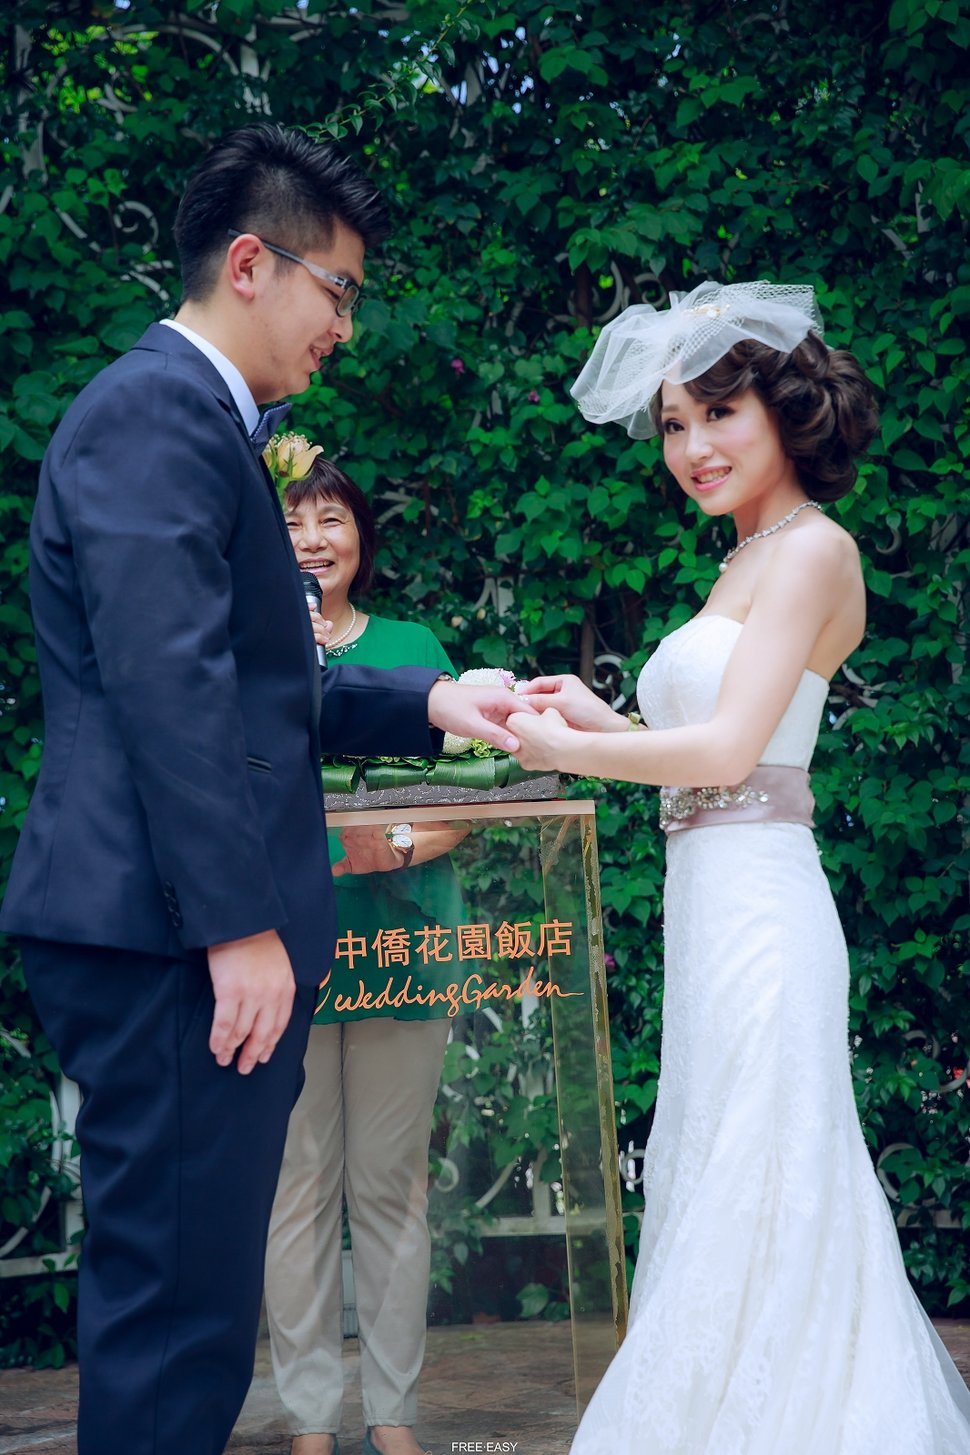 幸福了雅芳 (台中婚禮記錄)(編號:161710) - 自由自在 - 結婚吧